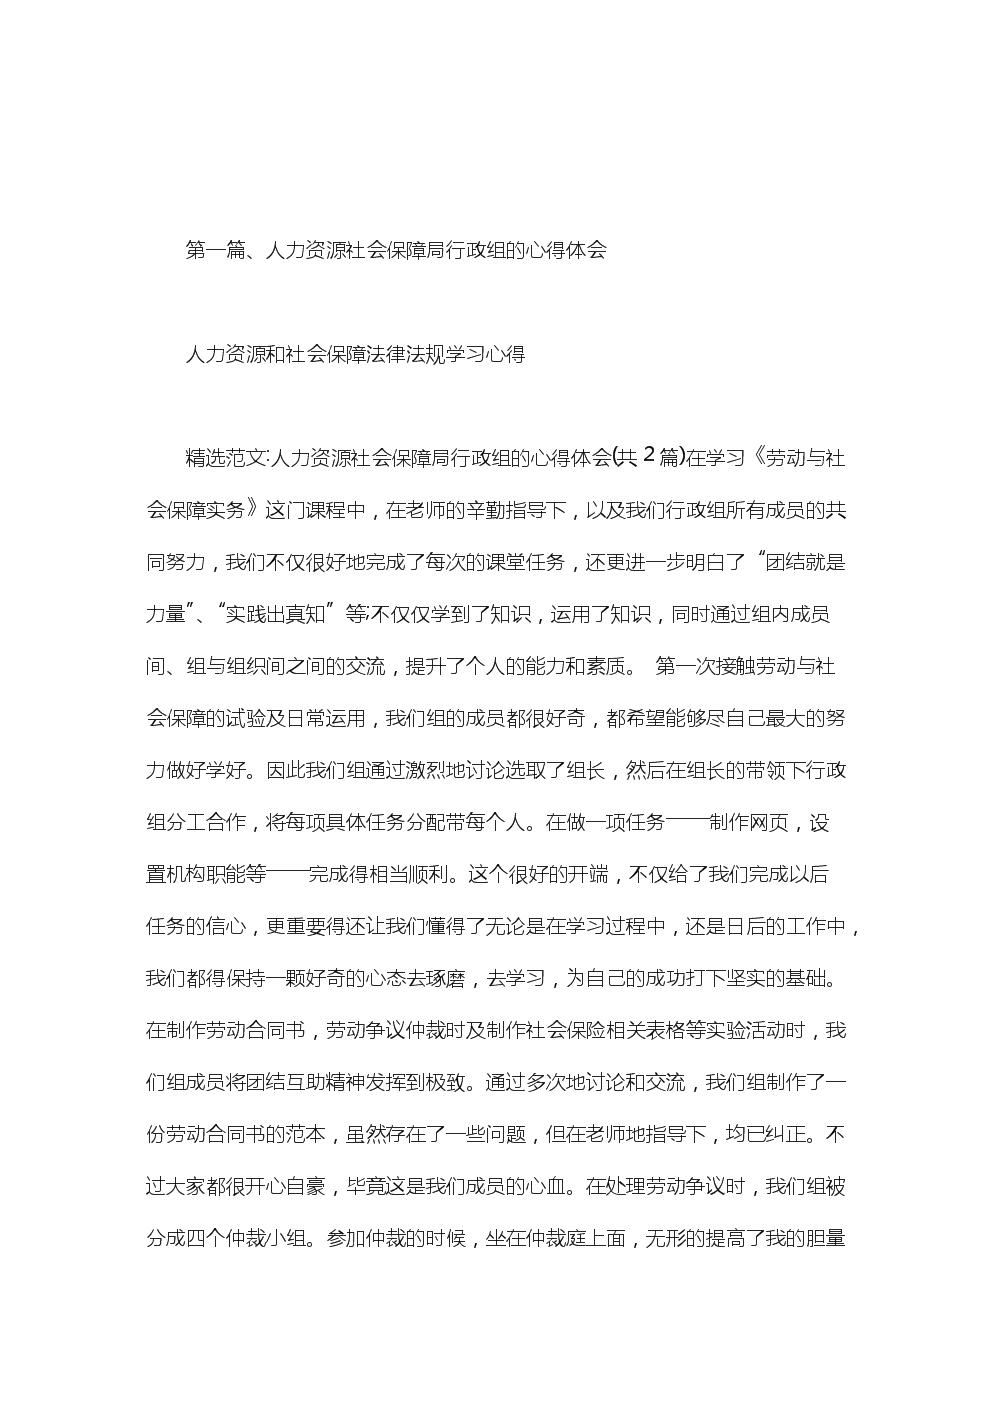 人力资源和社会保障法律法规学习心得.doc